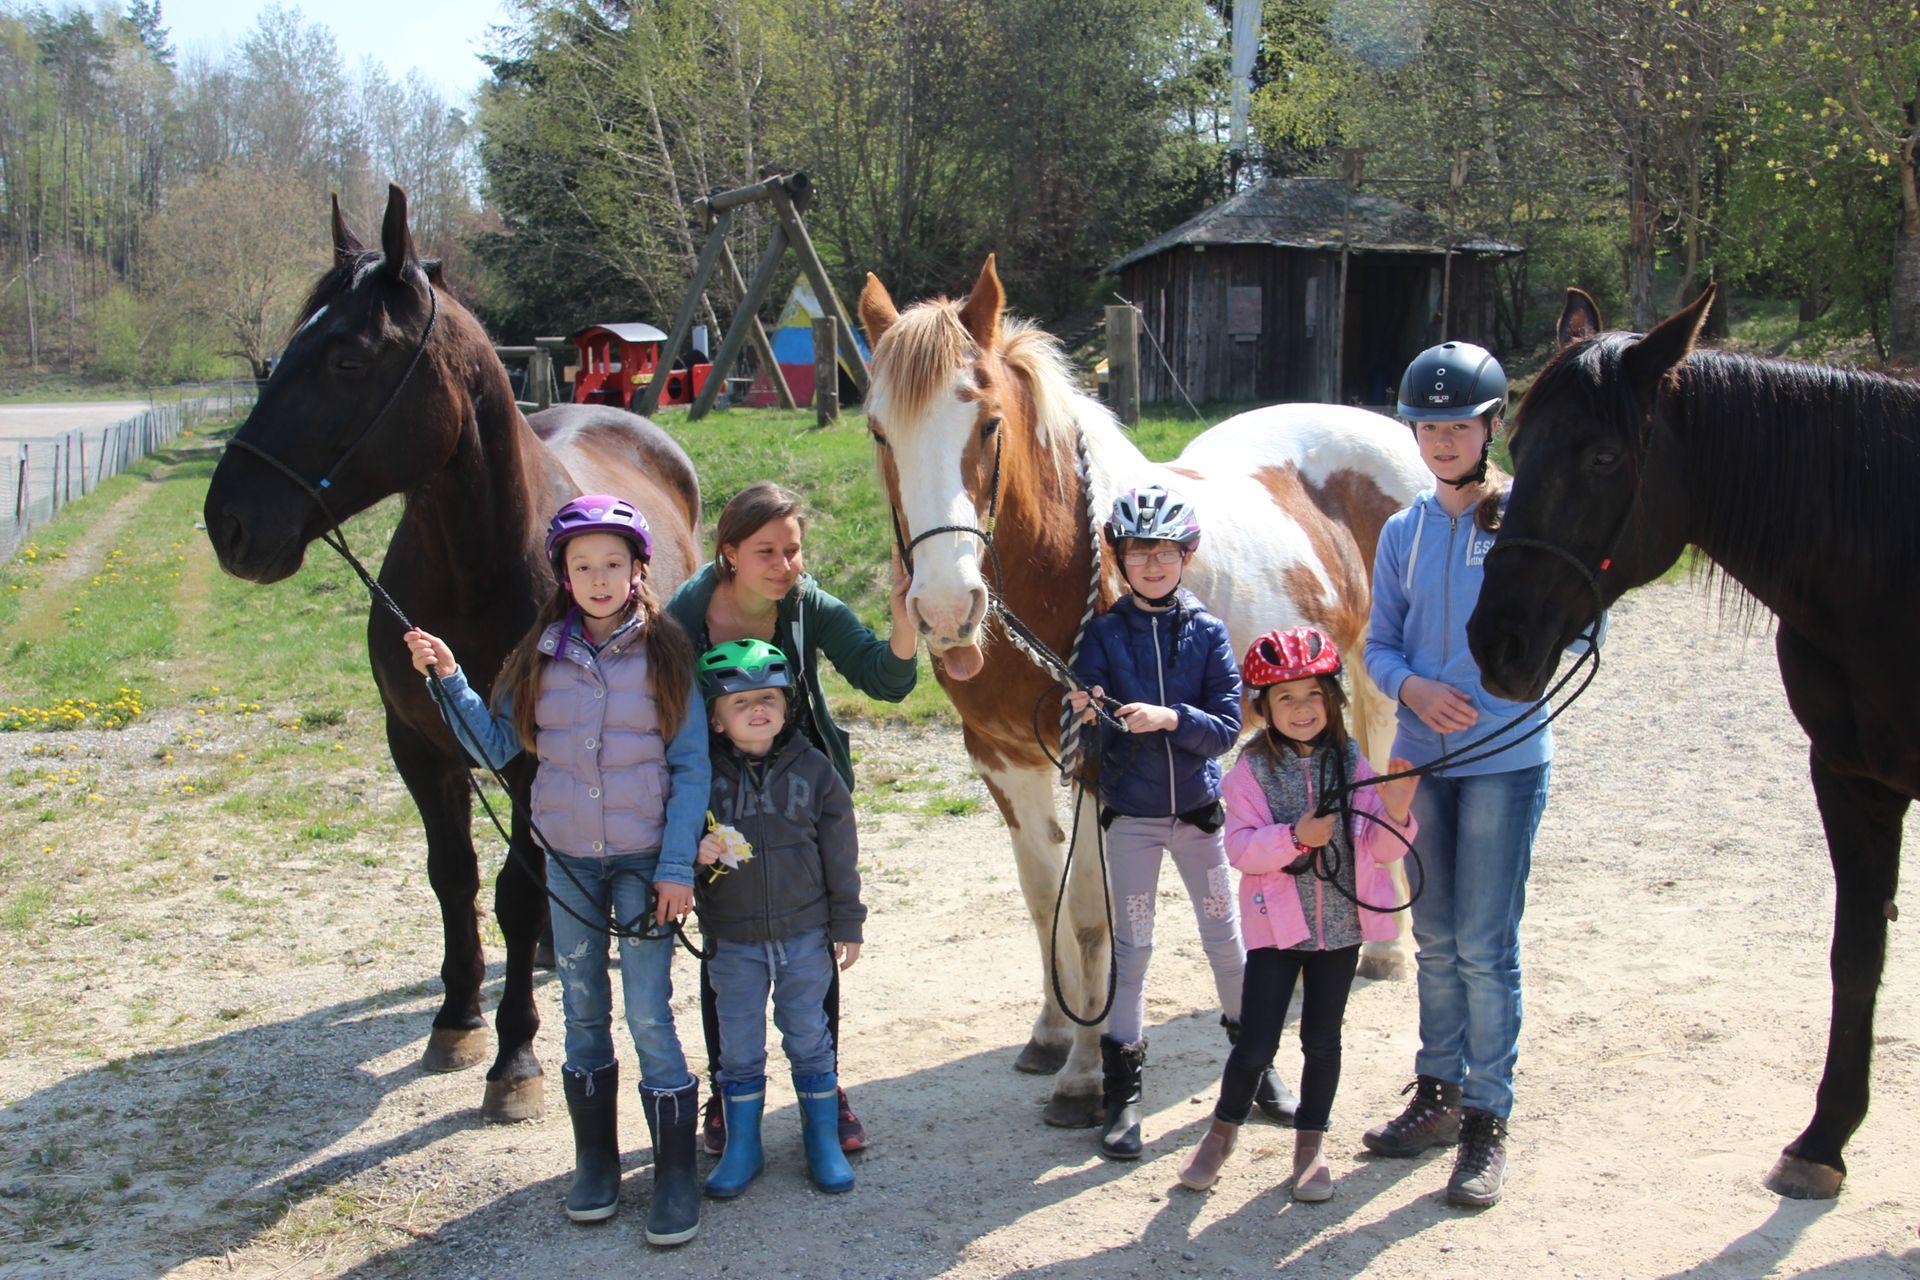 Pferde-Erlebnistage für Kinder - Ferien-Erlebnisse